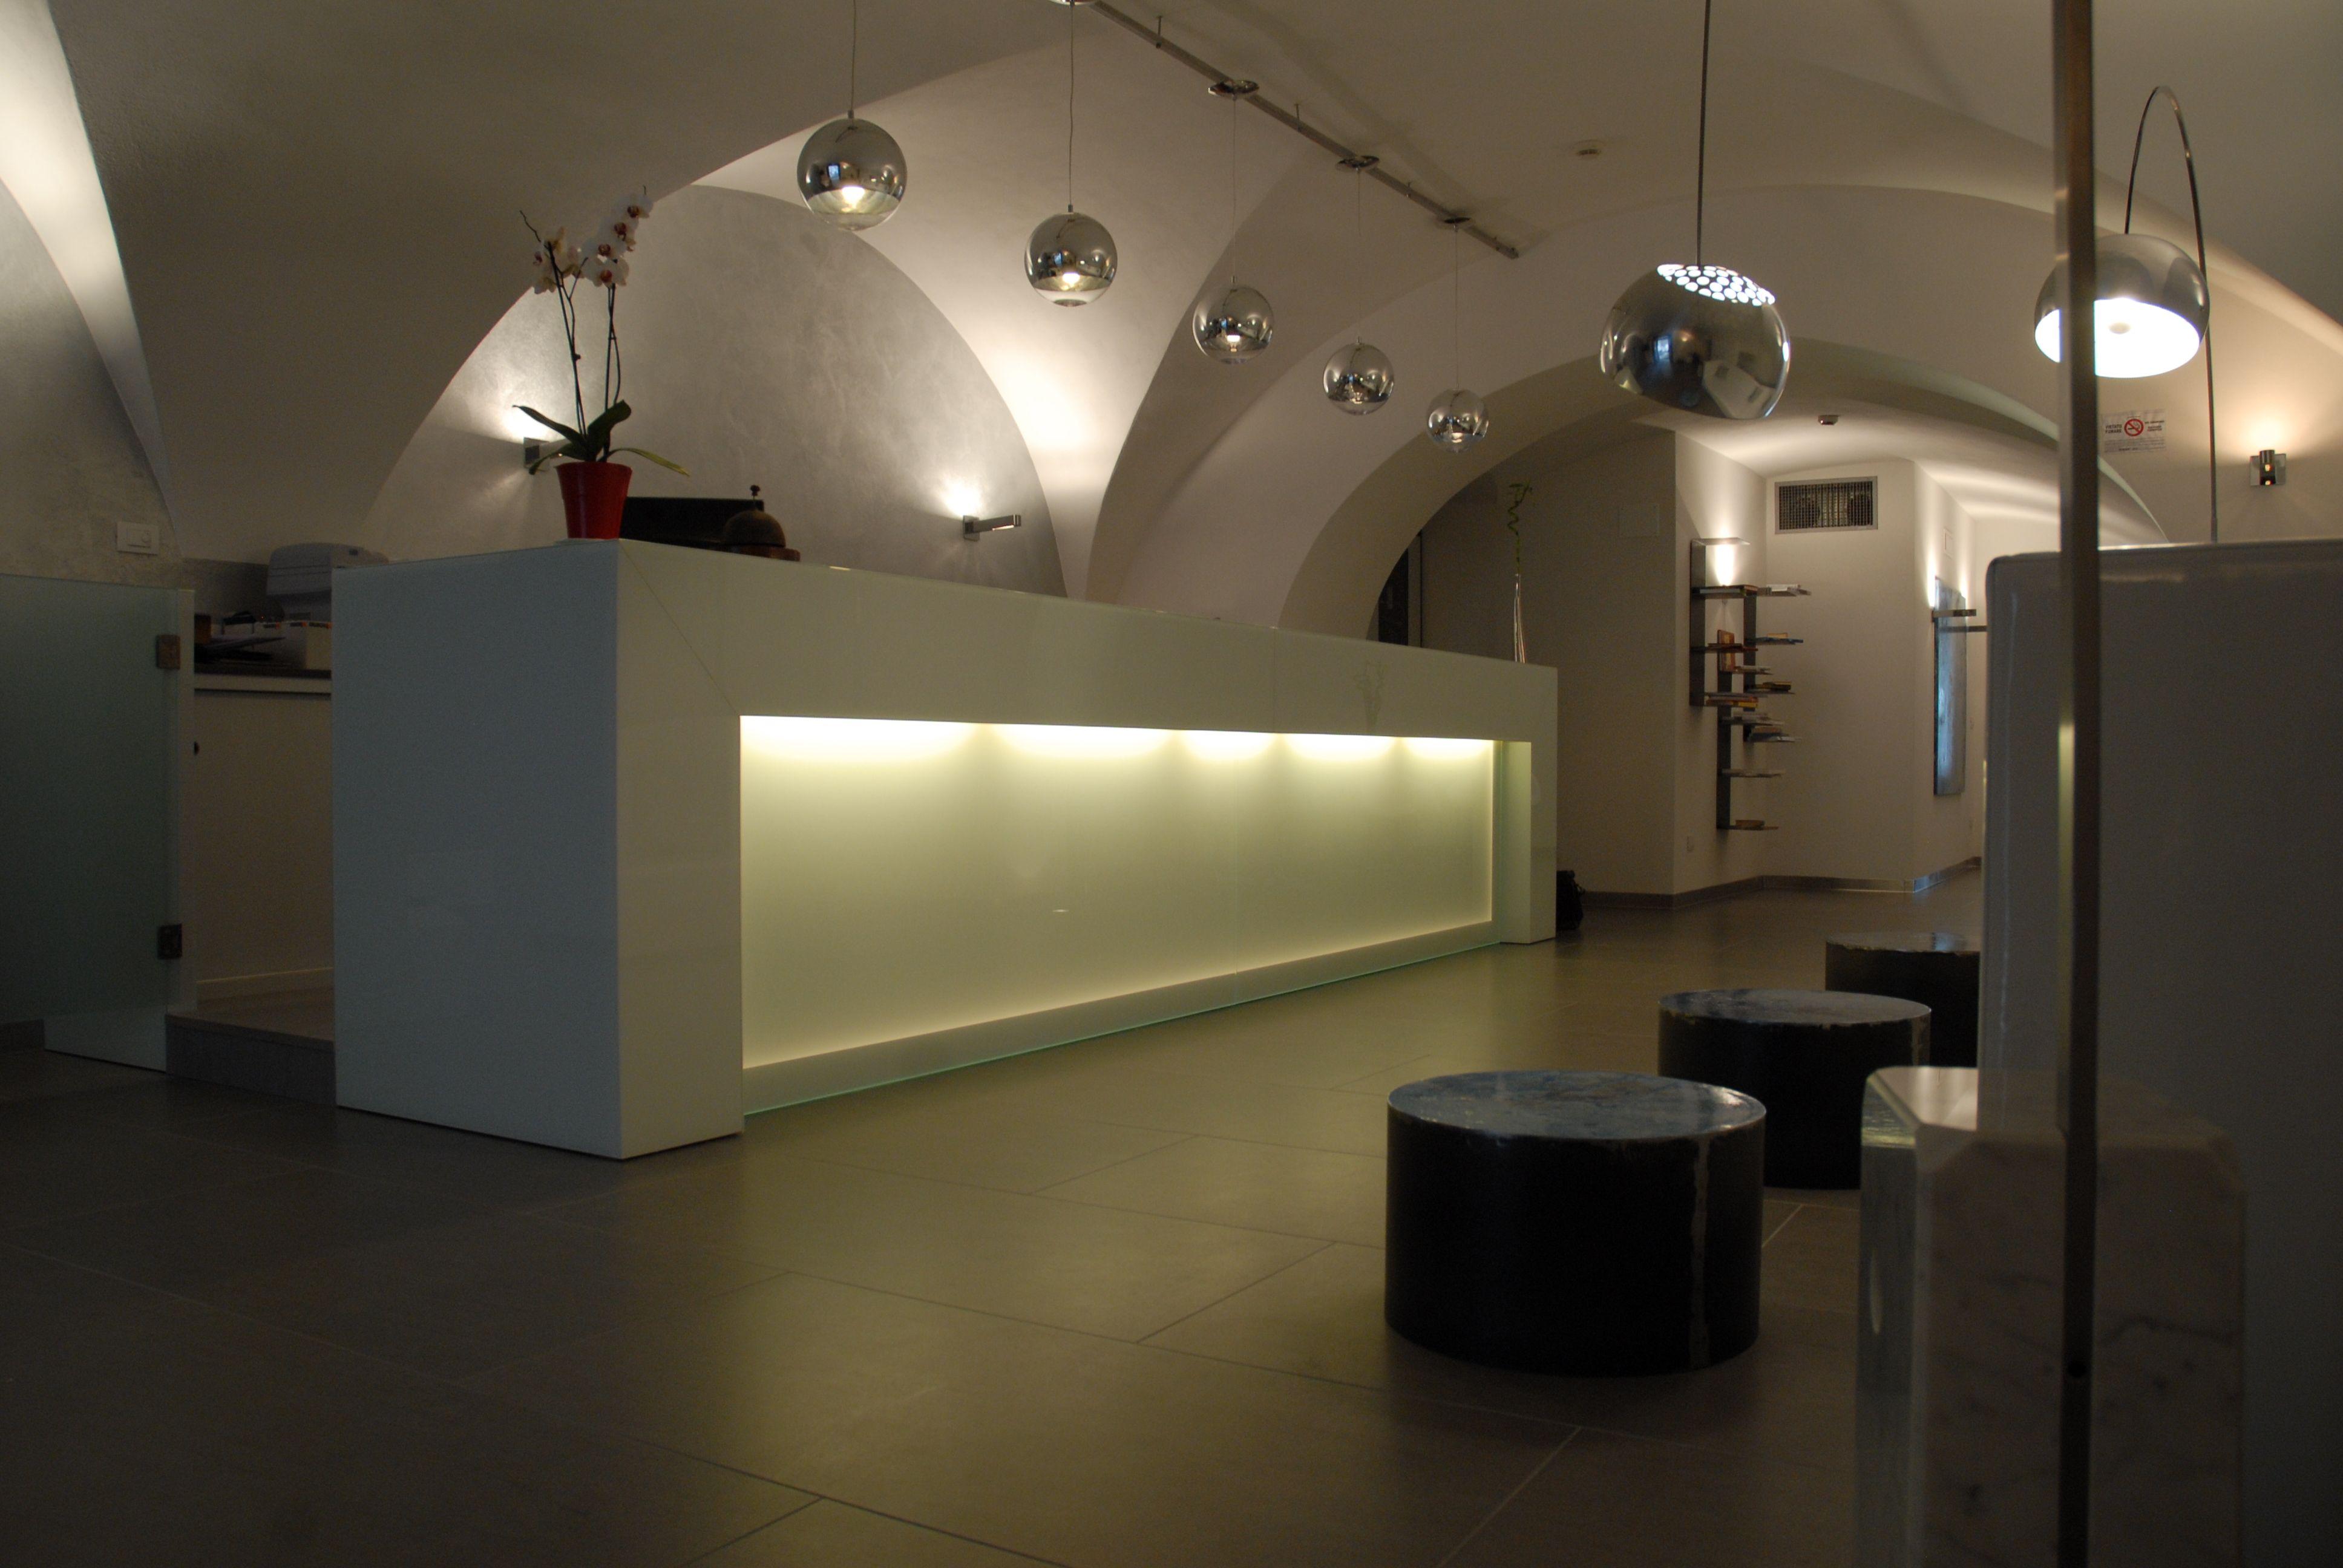 Effimera arredamenti per centri estetici saloni bellezza for Arredamenti per centri estetici